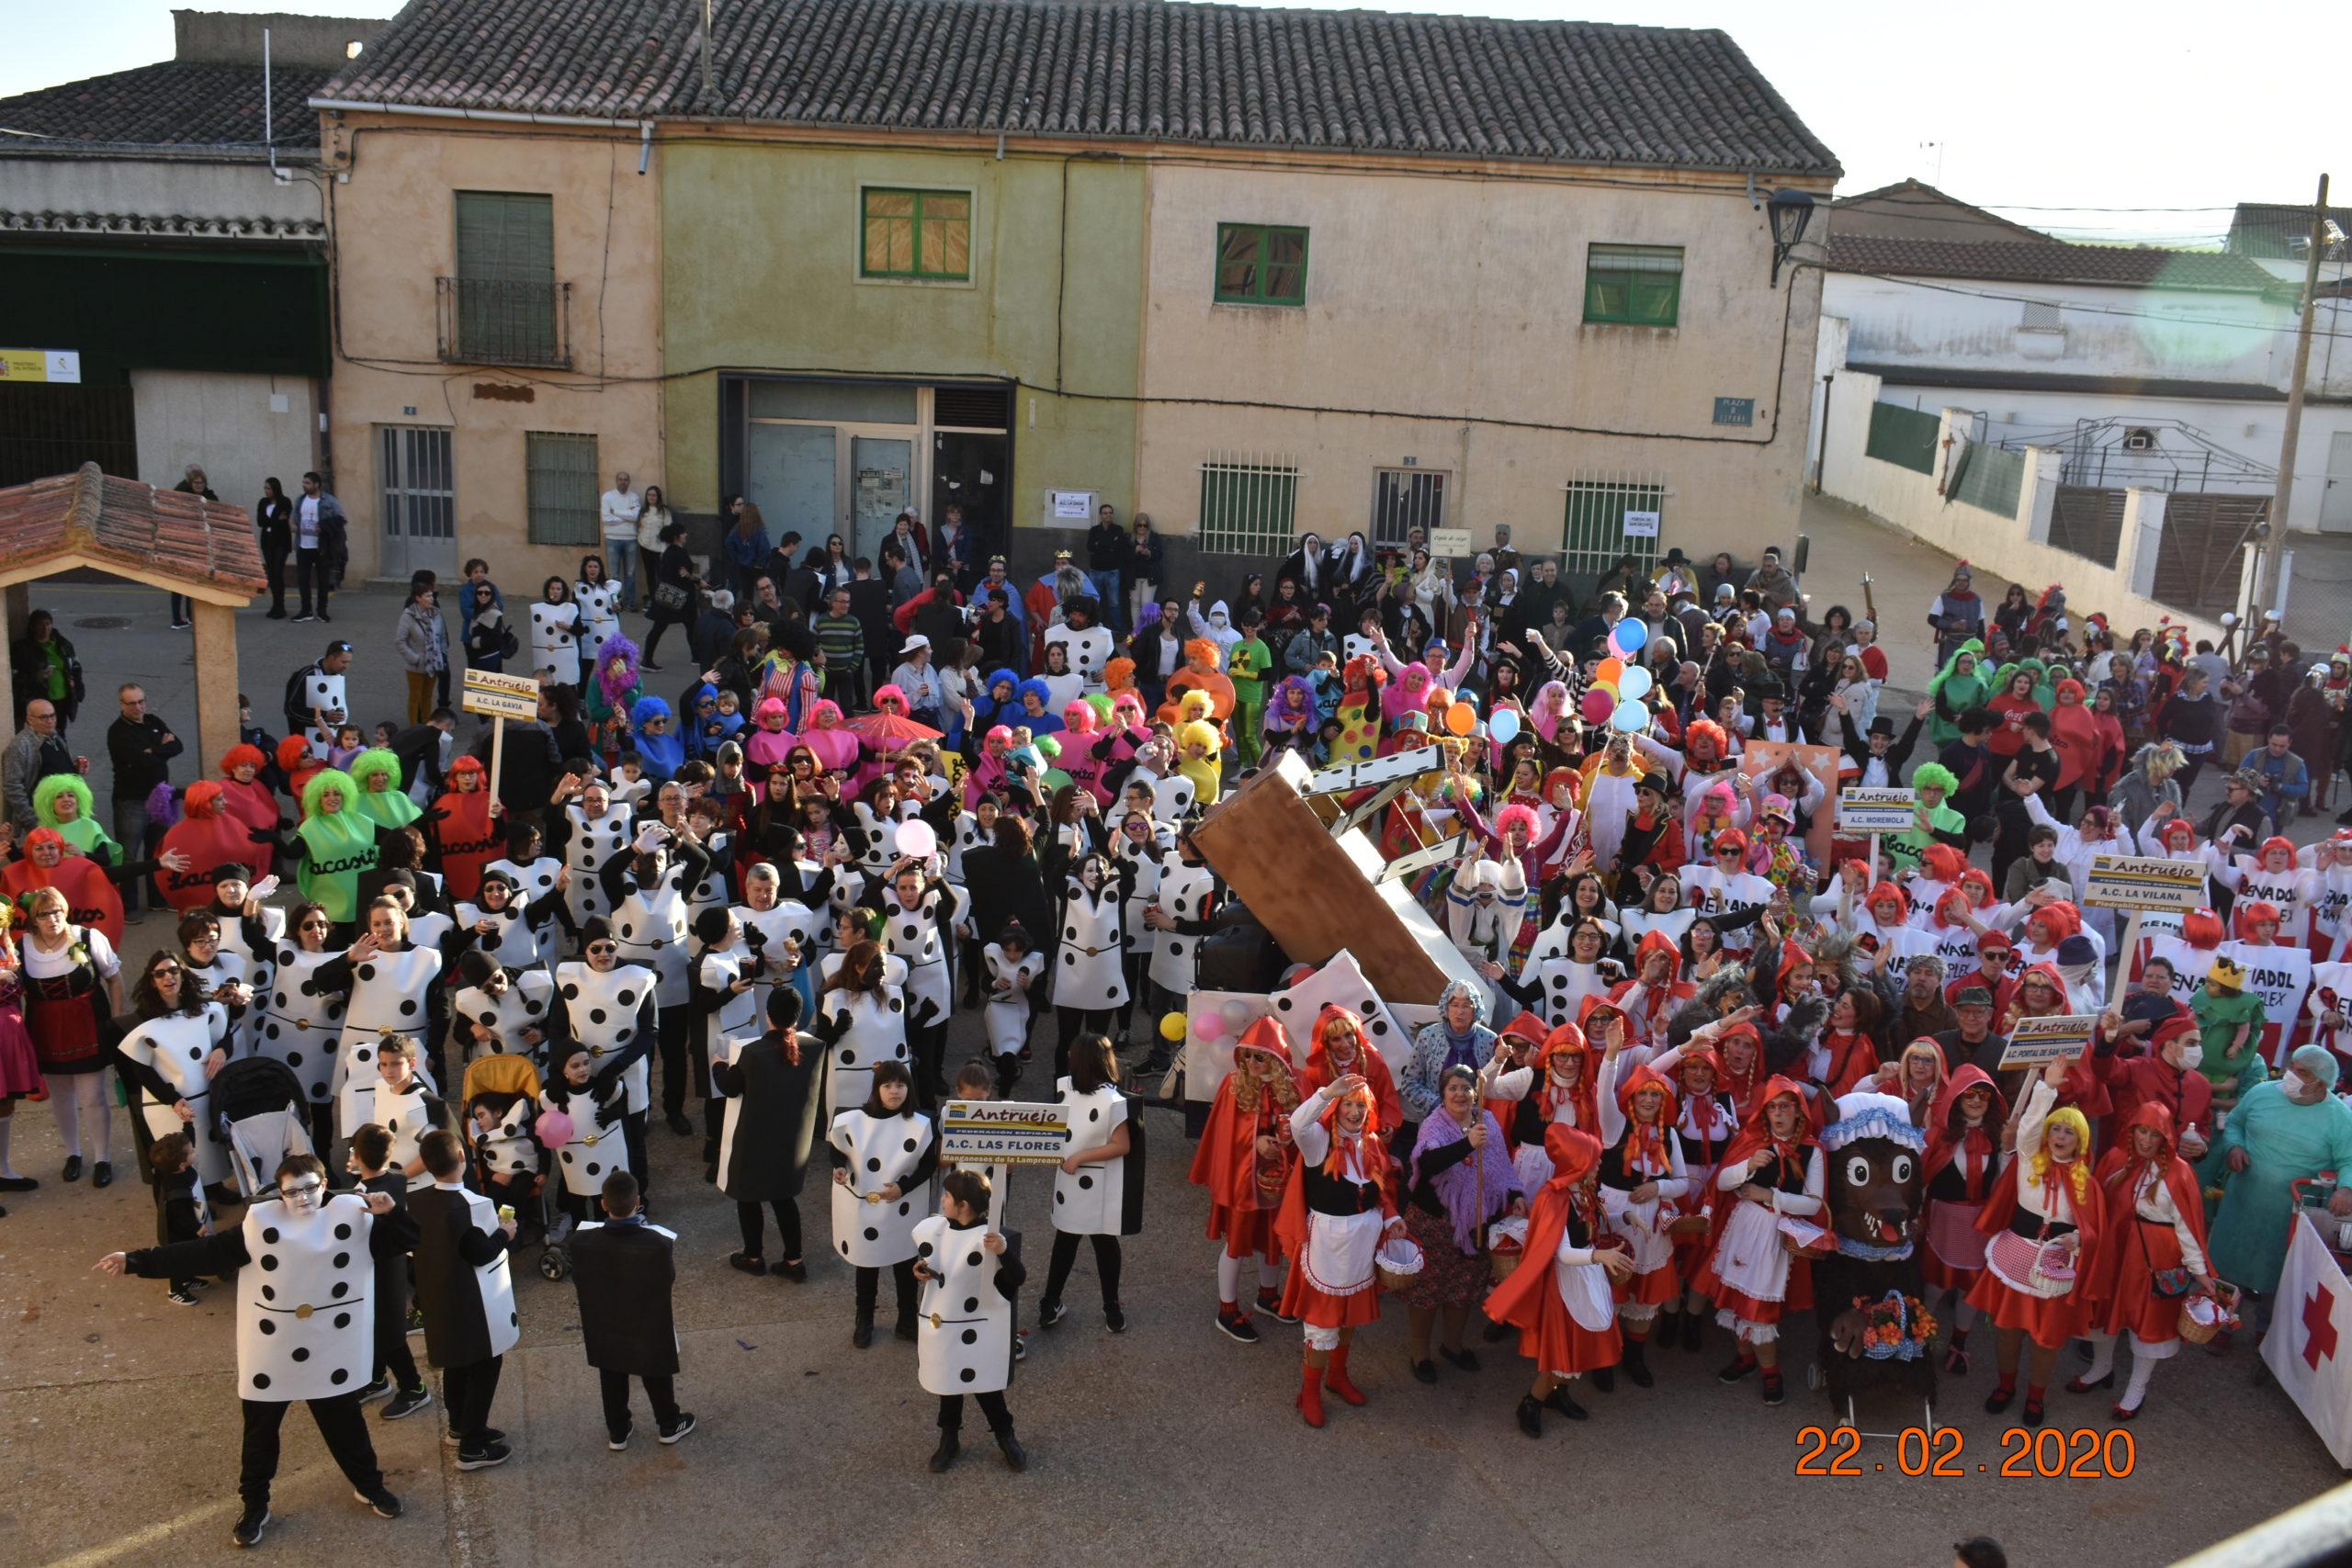 VIII Encuentro reviviendo el Antruejo en Manganeses de la Lampreana.